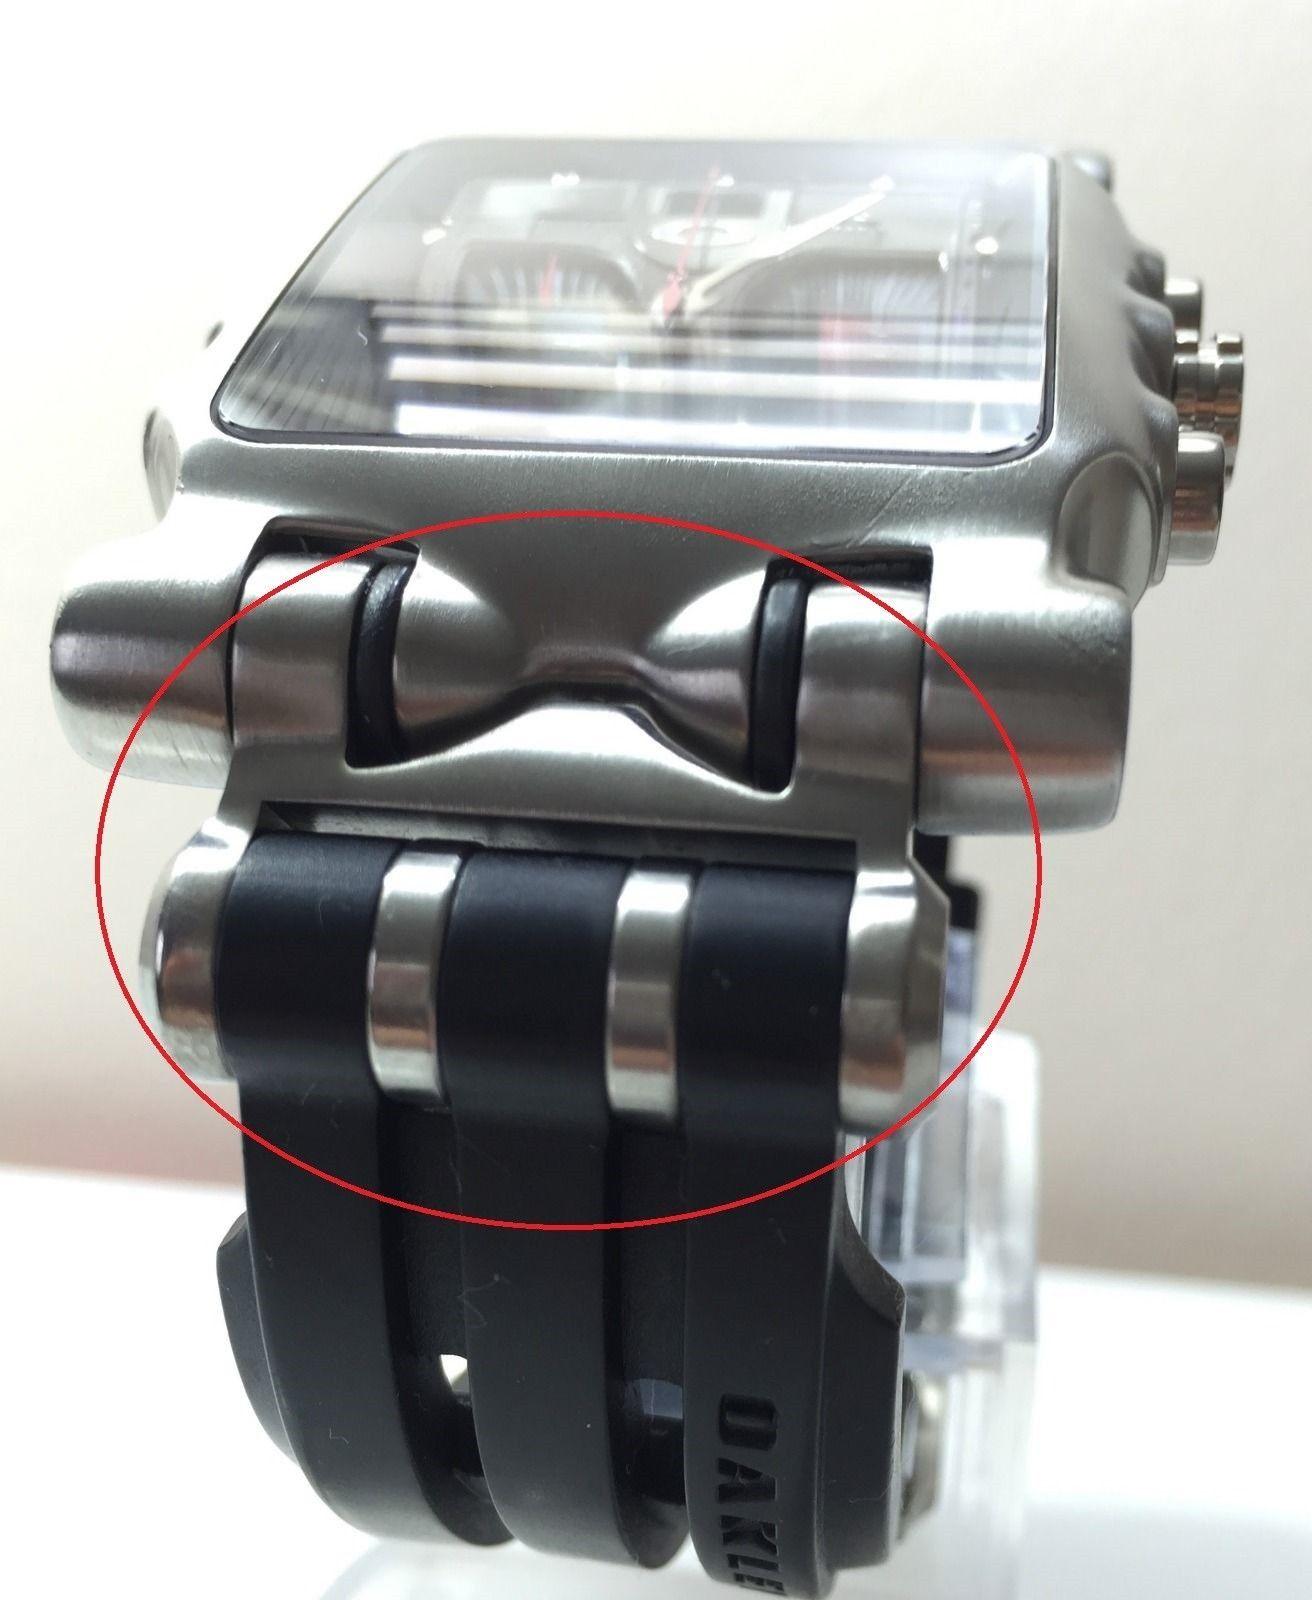 Minute Machine Links for Unobtainium strap - aaa.jpg